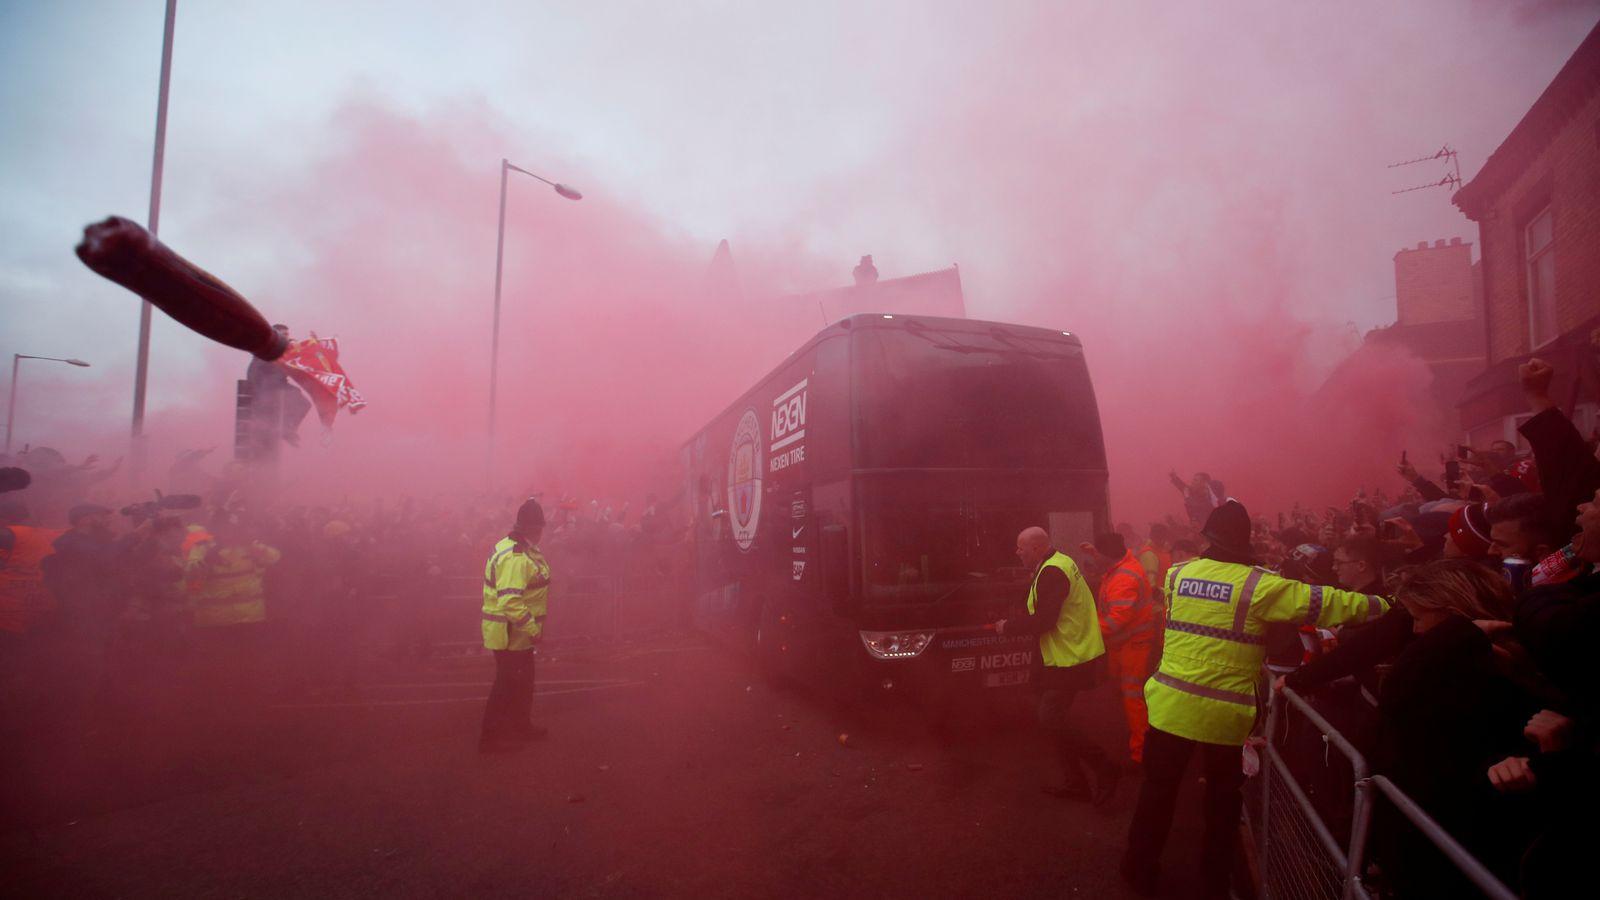 曼彻斯特城的公共汽车在利物浦安菲尔德投掷导弹